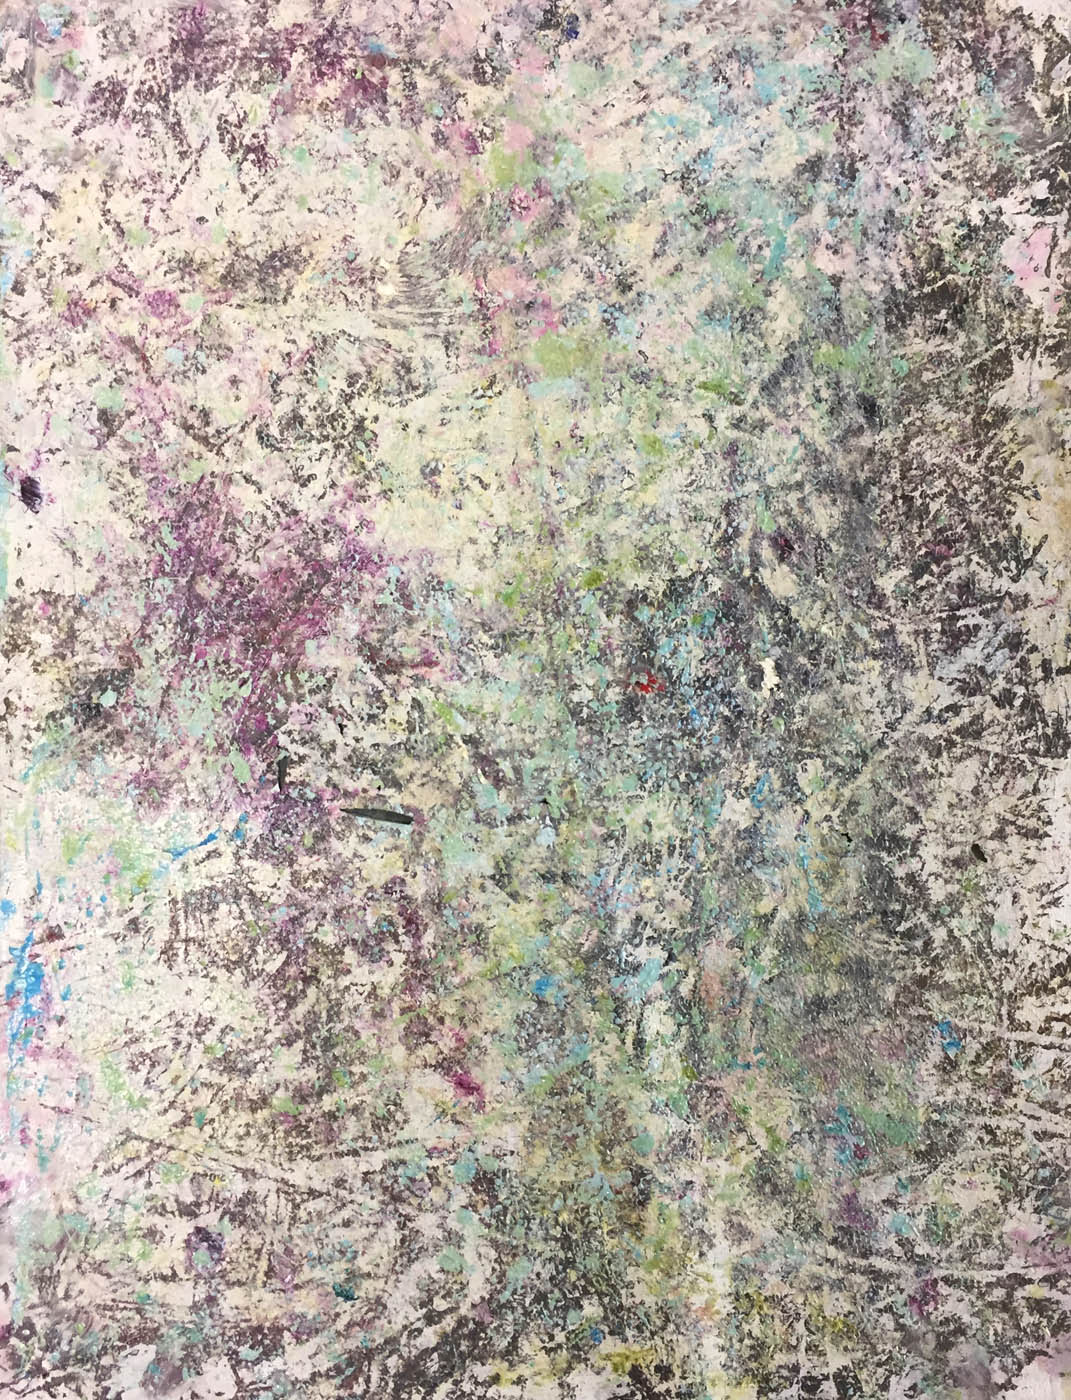 MARC FELD 2019 SONORITÉS Huile et acrylique sur papier 50 x 65 cm